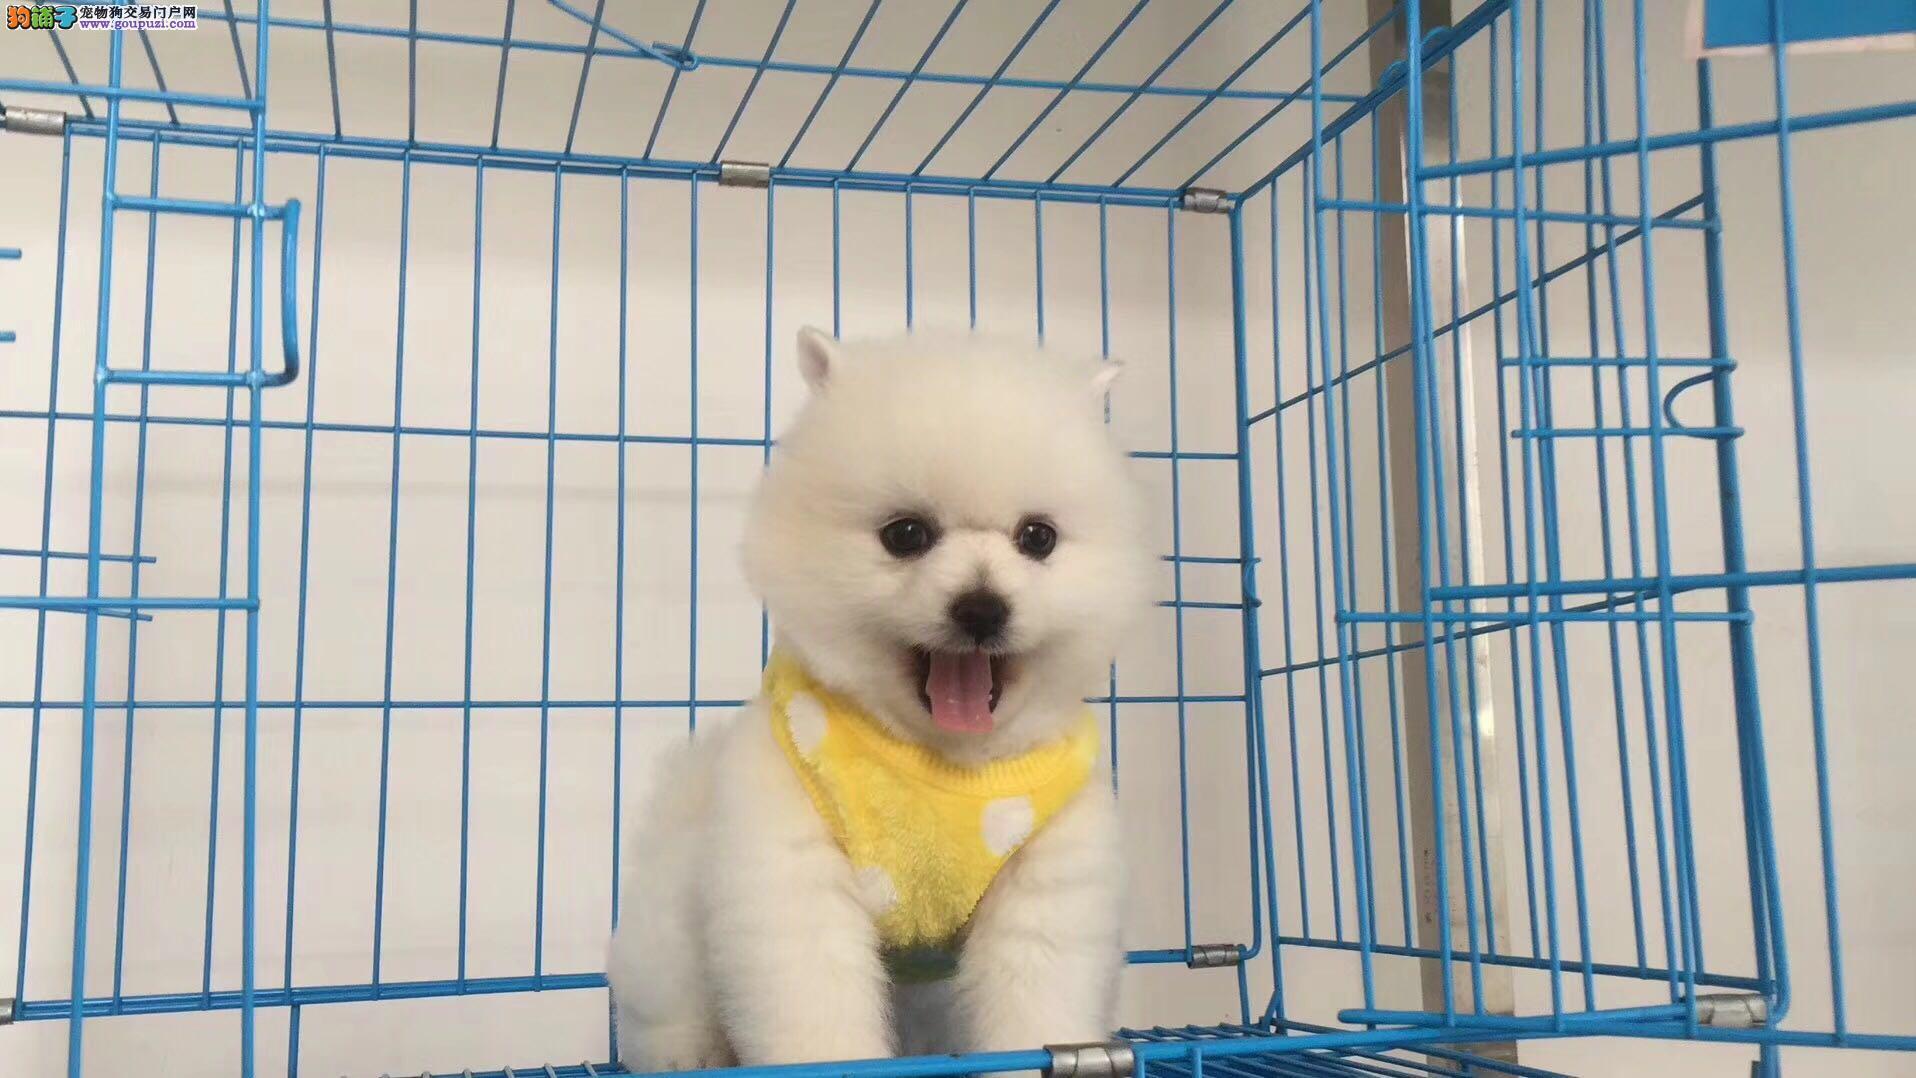 广州哪里有俊介幼犬出售 广州哪里买宠物狗保障一些